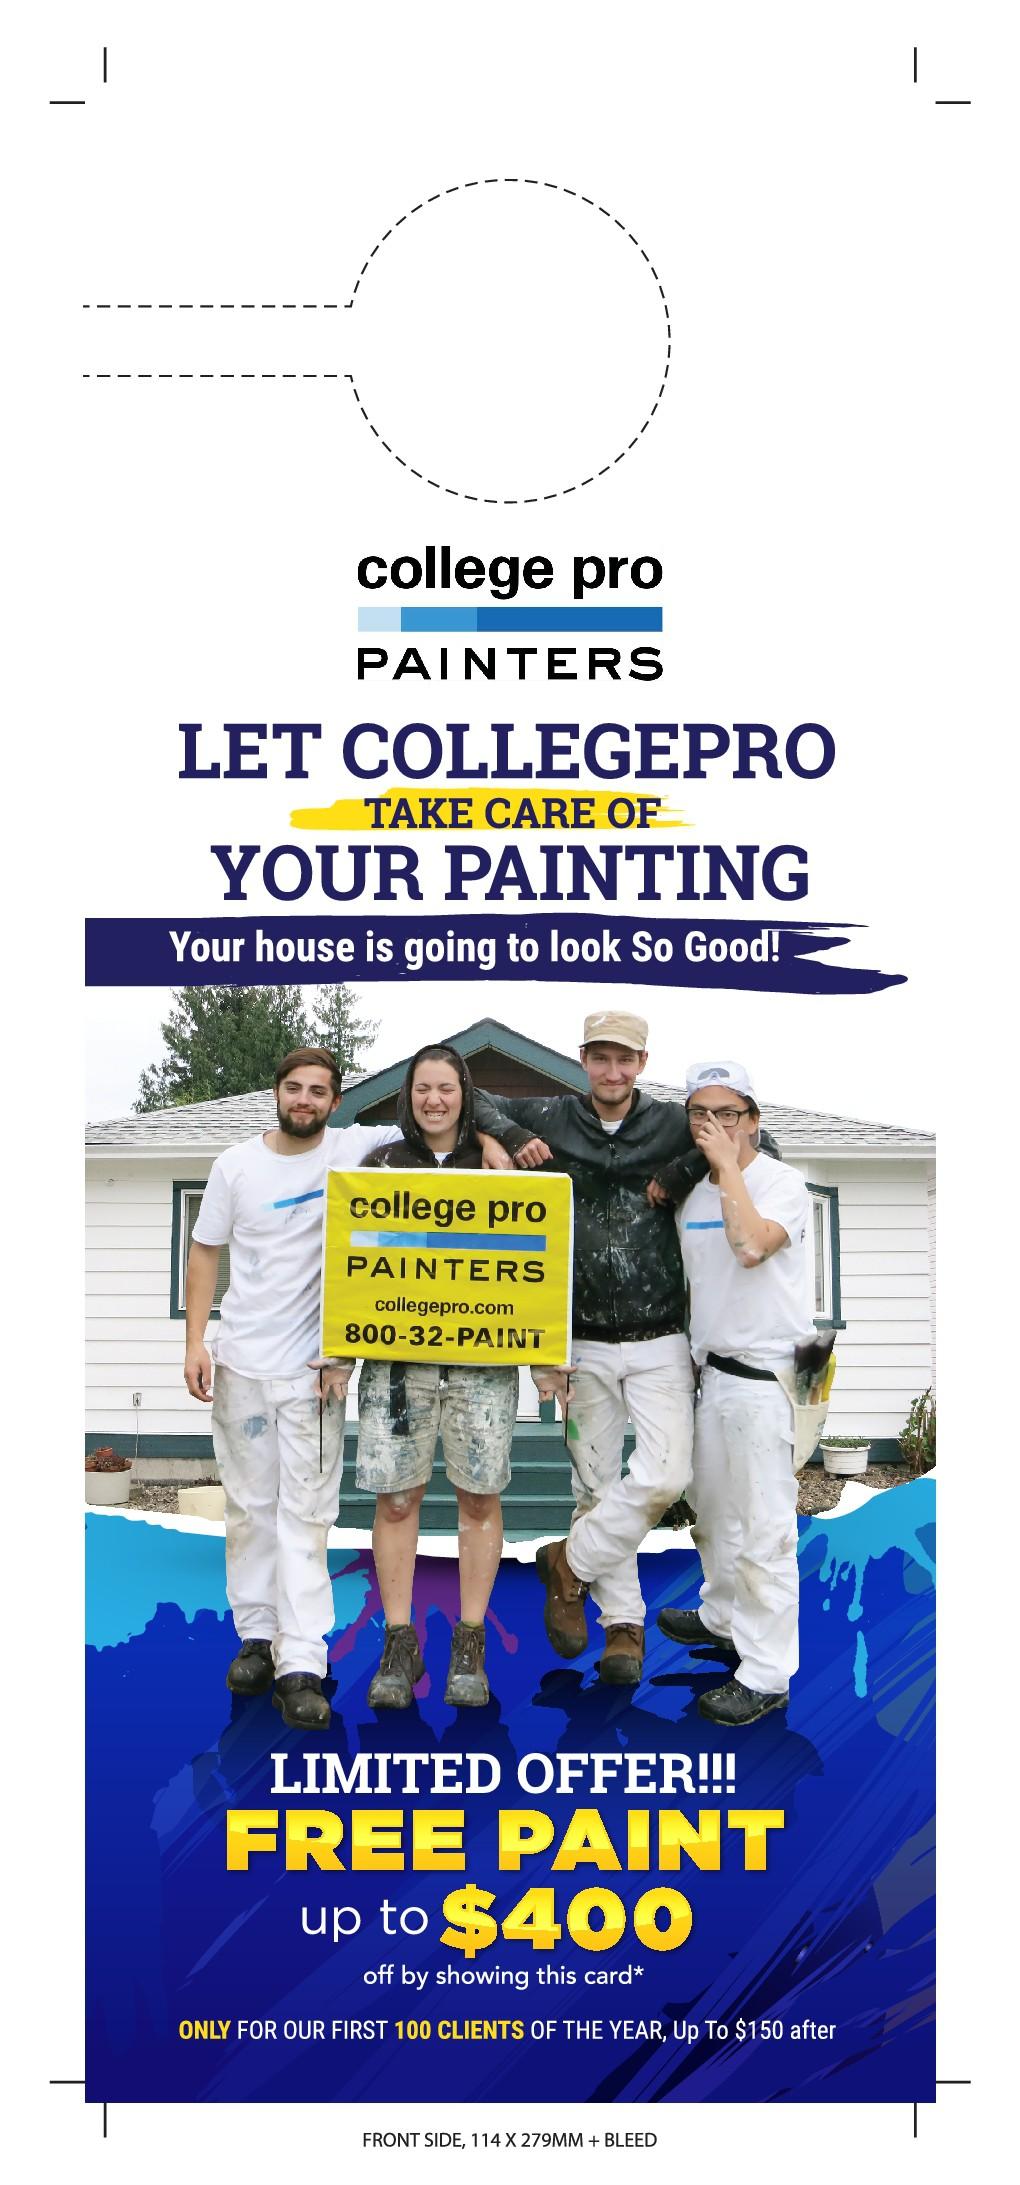 CollegePro Painters need a powerful new door hanger design!